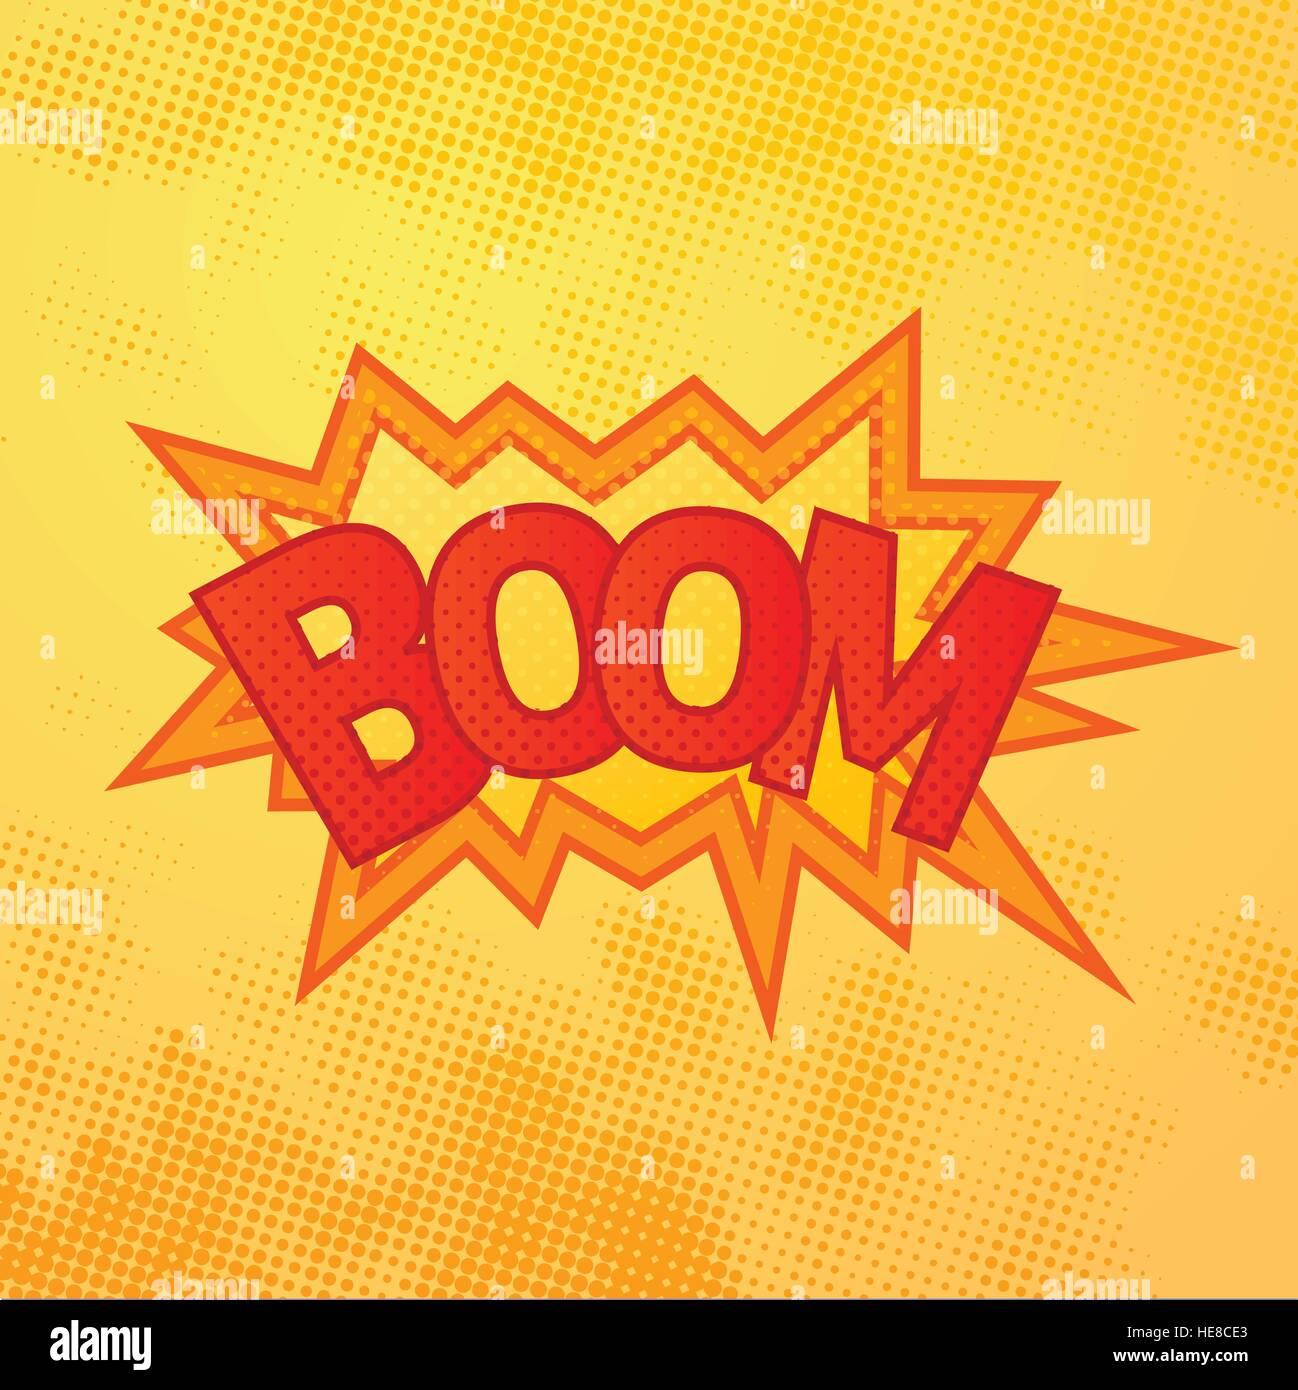 Boom-Comics sound-Effekt mit Halbton Muster auf gelbem Hintergrund ...